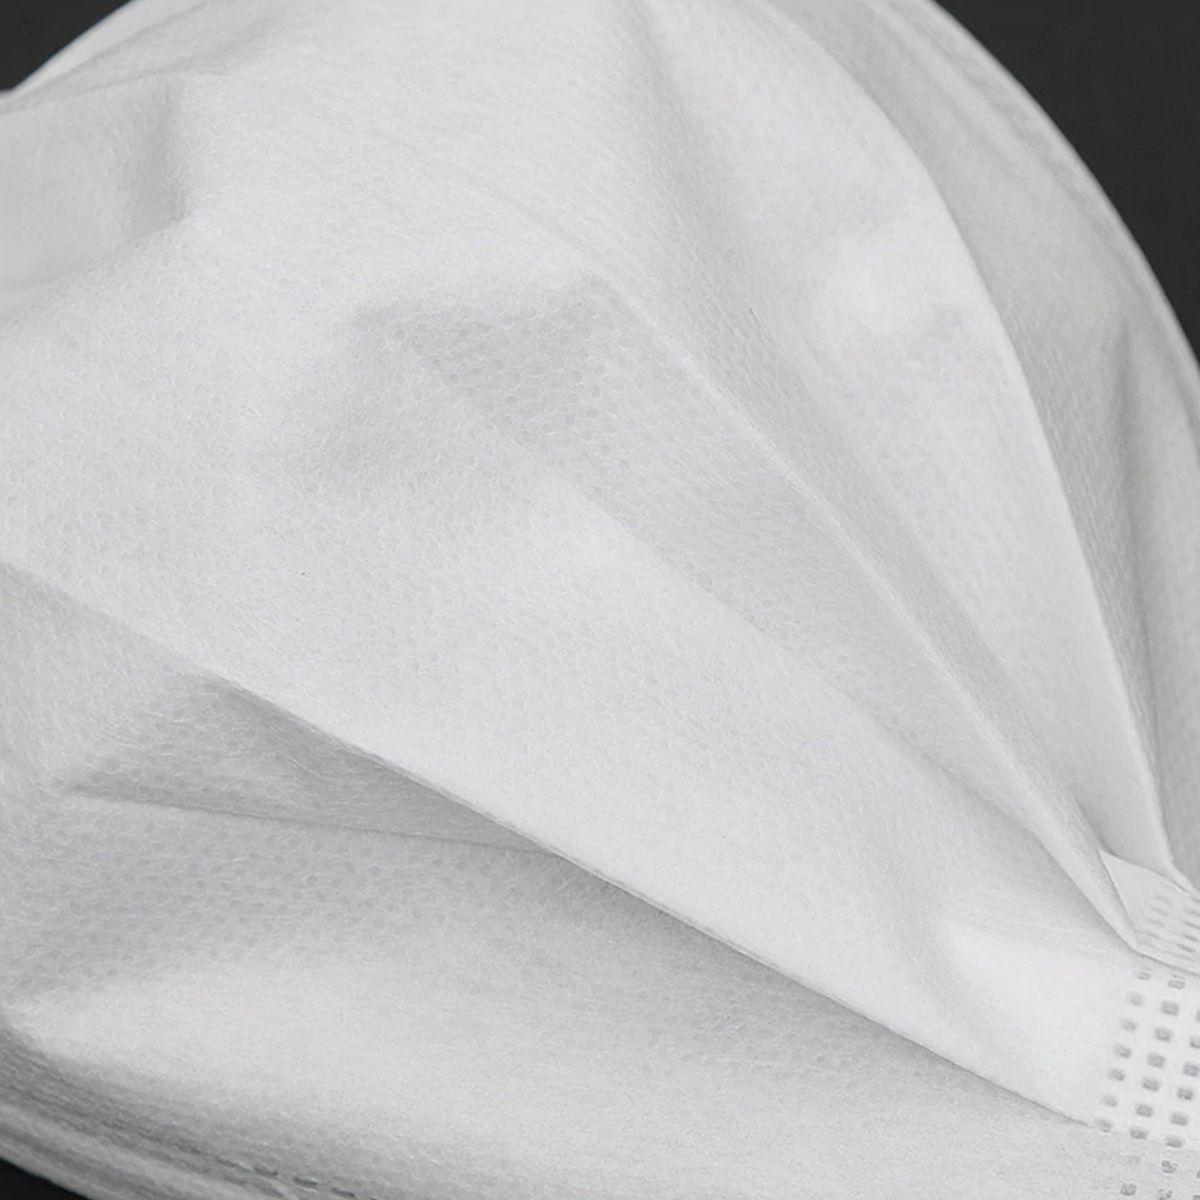 Kit 5 Máscaras Com Elástico de Proteção Facial Lavável